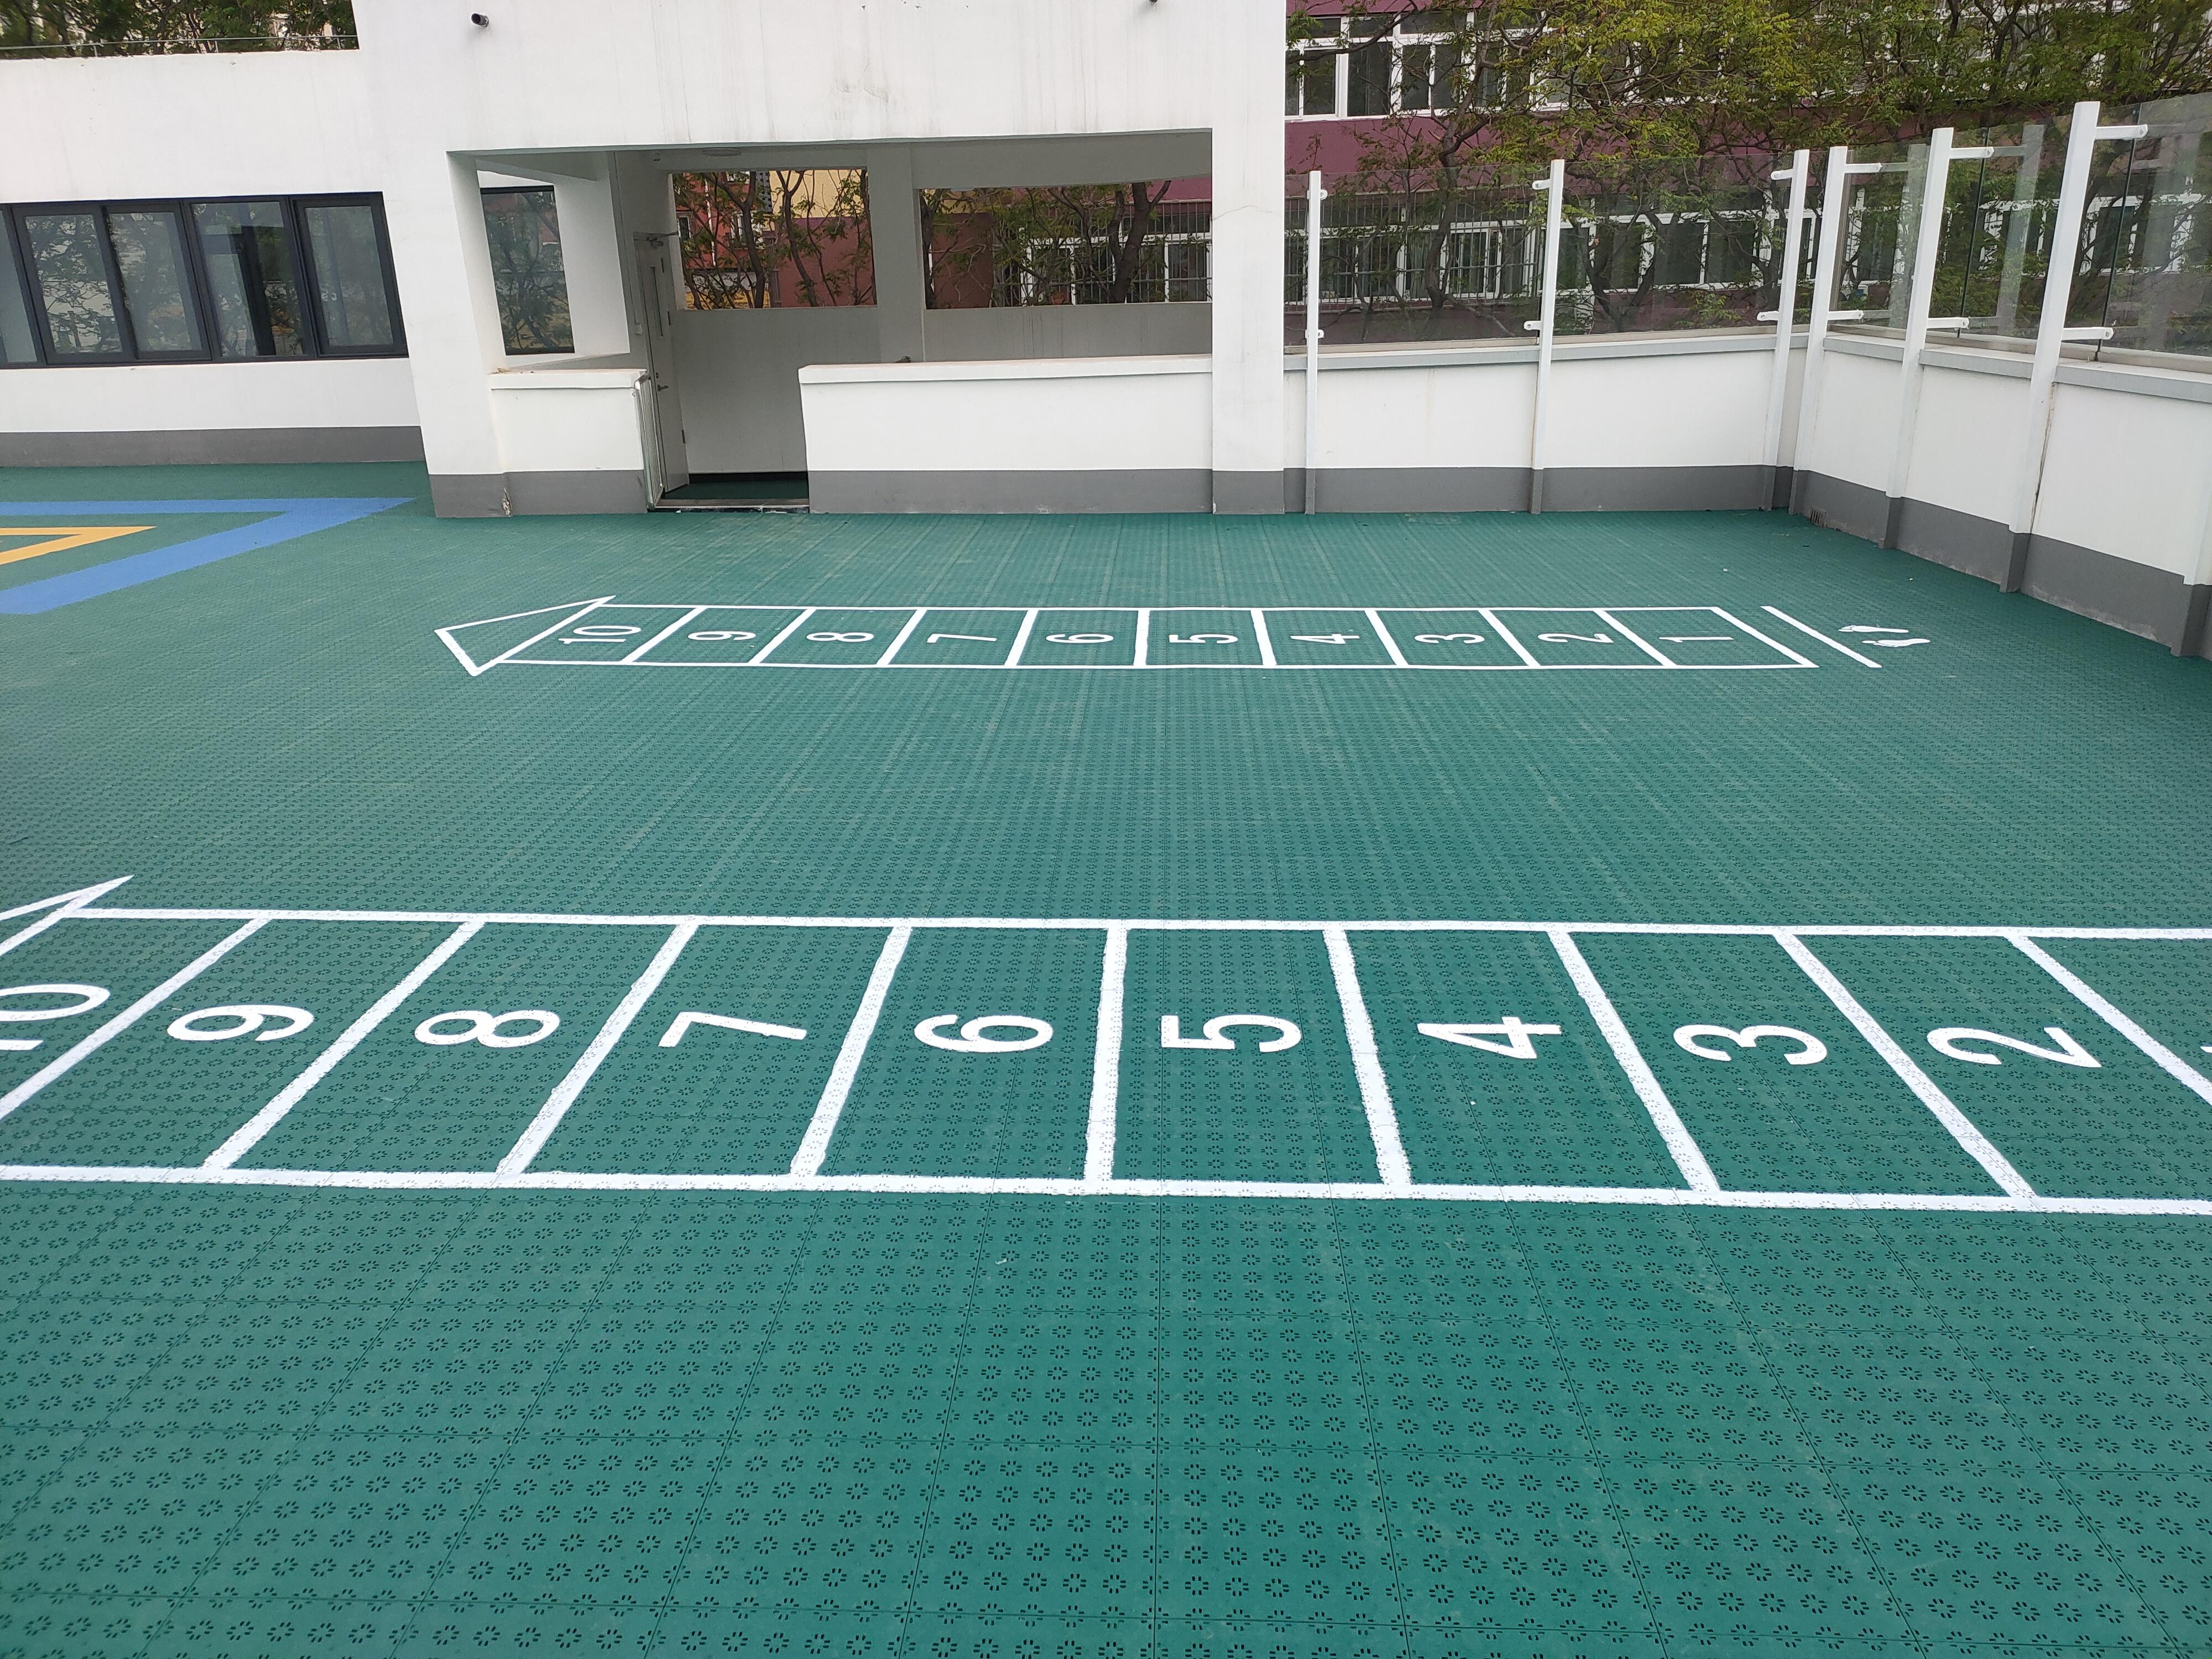 幼儿园室外悬浮式拼装地板,西城某幼儿园只偏爱它……